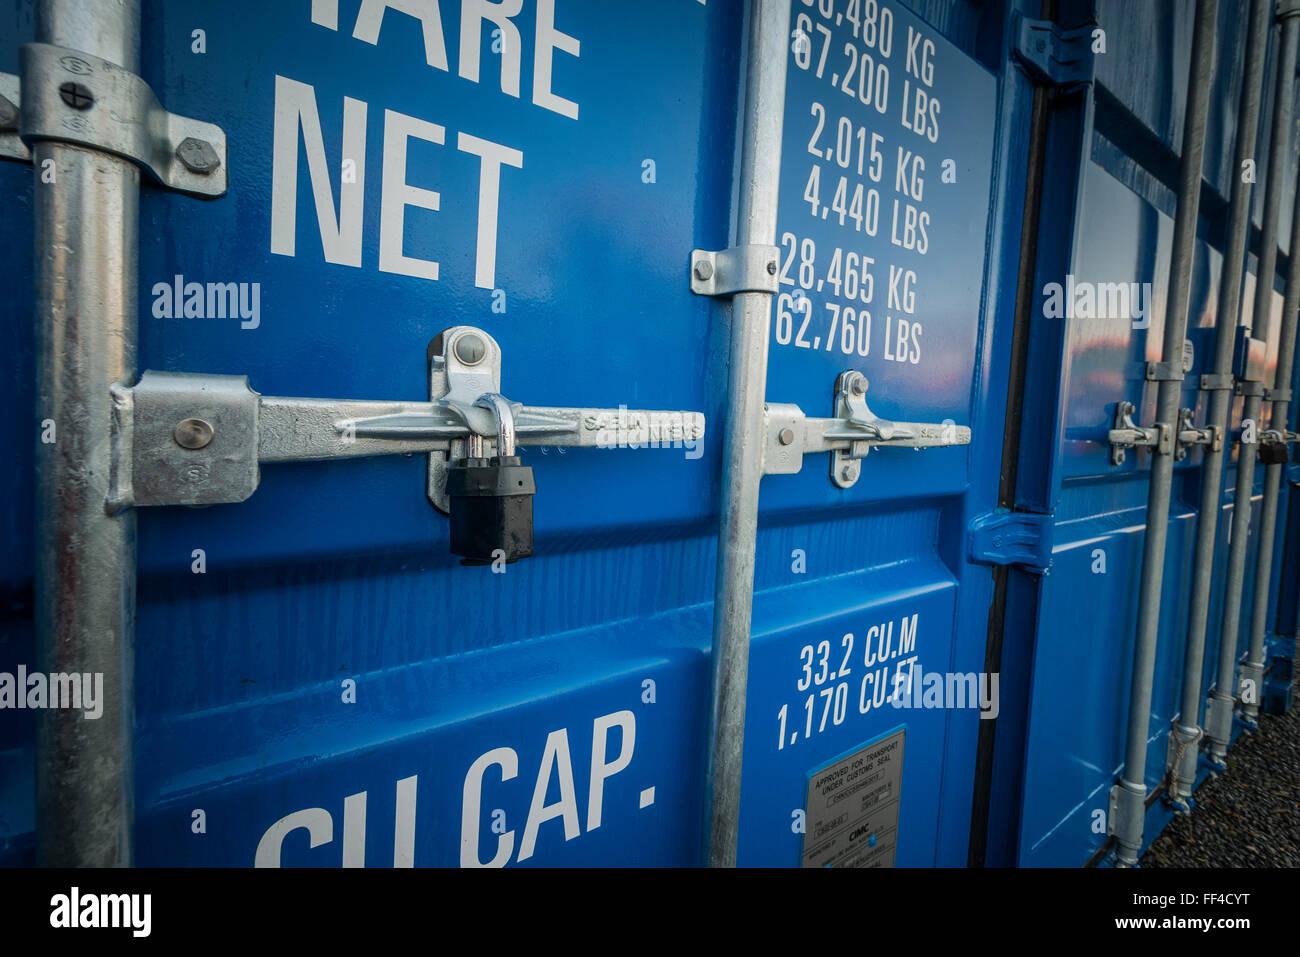 Une ligne de conteneurs de stockage auto bleue dans une enceinte protégée Photo Stock